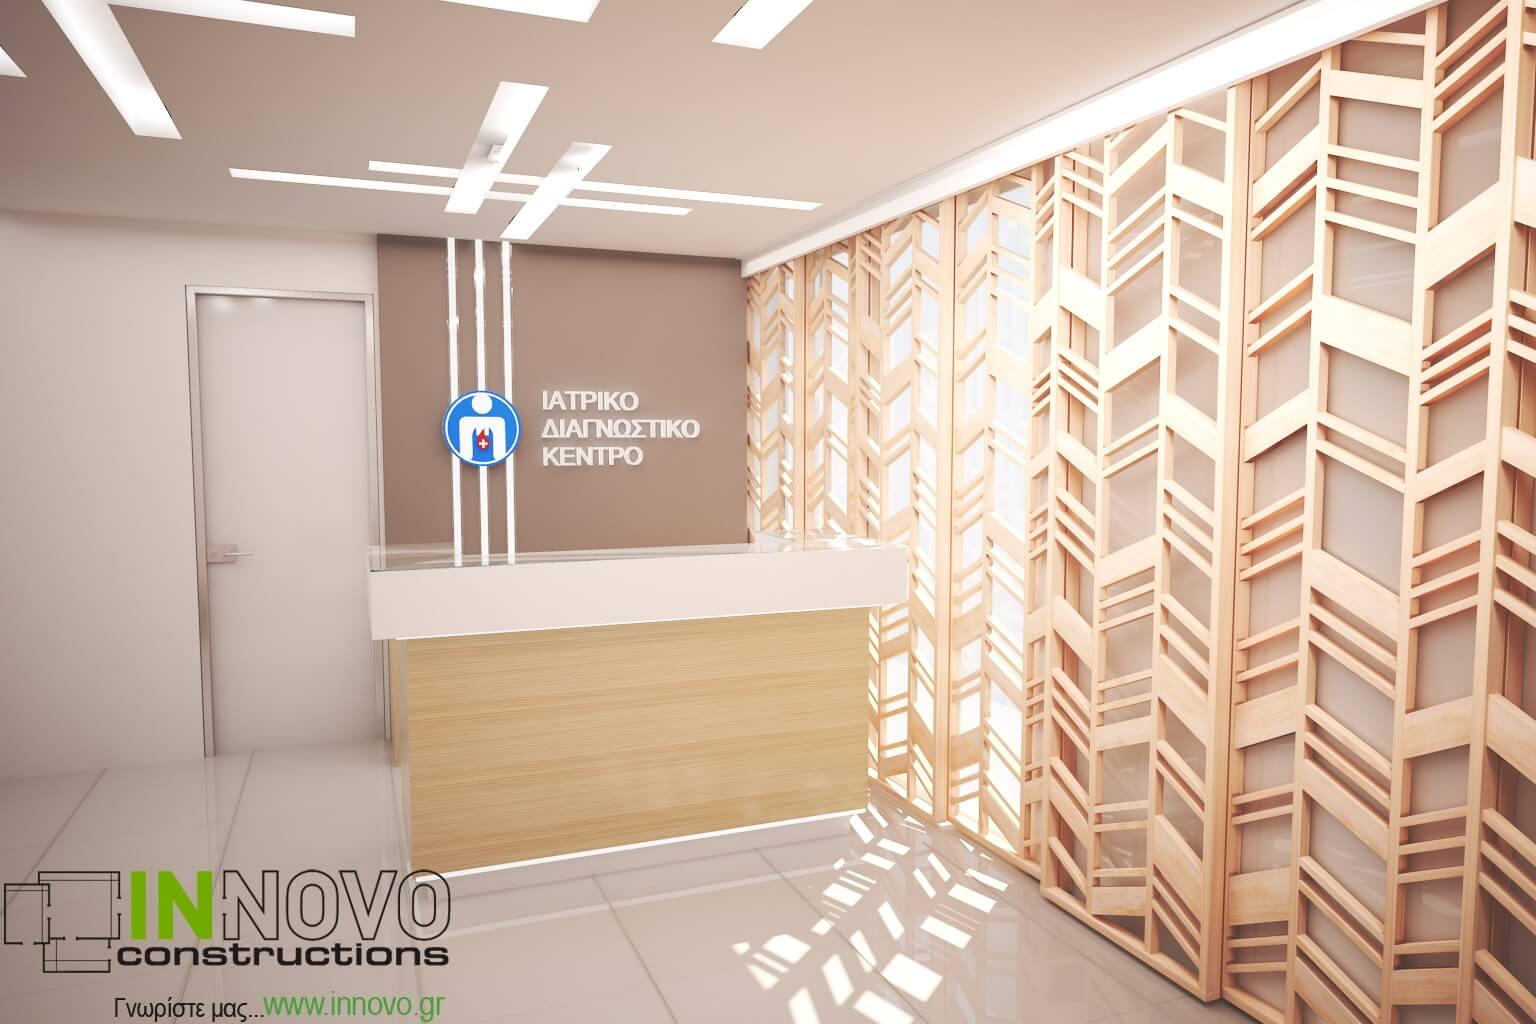 Σχεδιασμός ανακαίνισης reception διαγνωστικού κέντρου στην Καλλιθέα